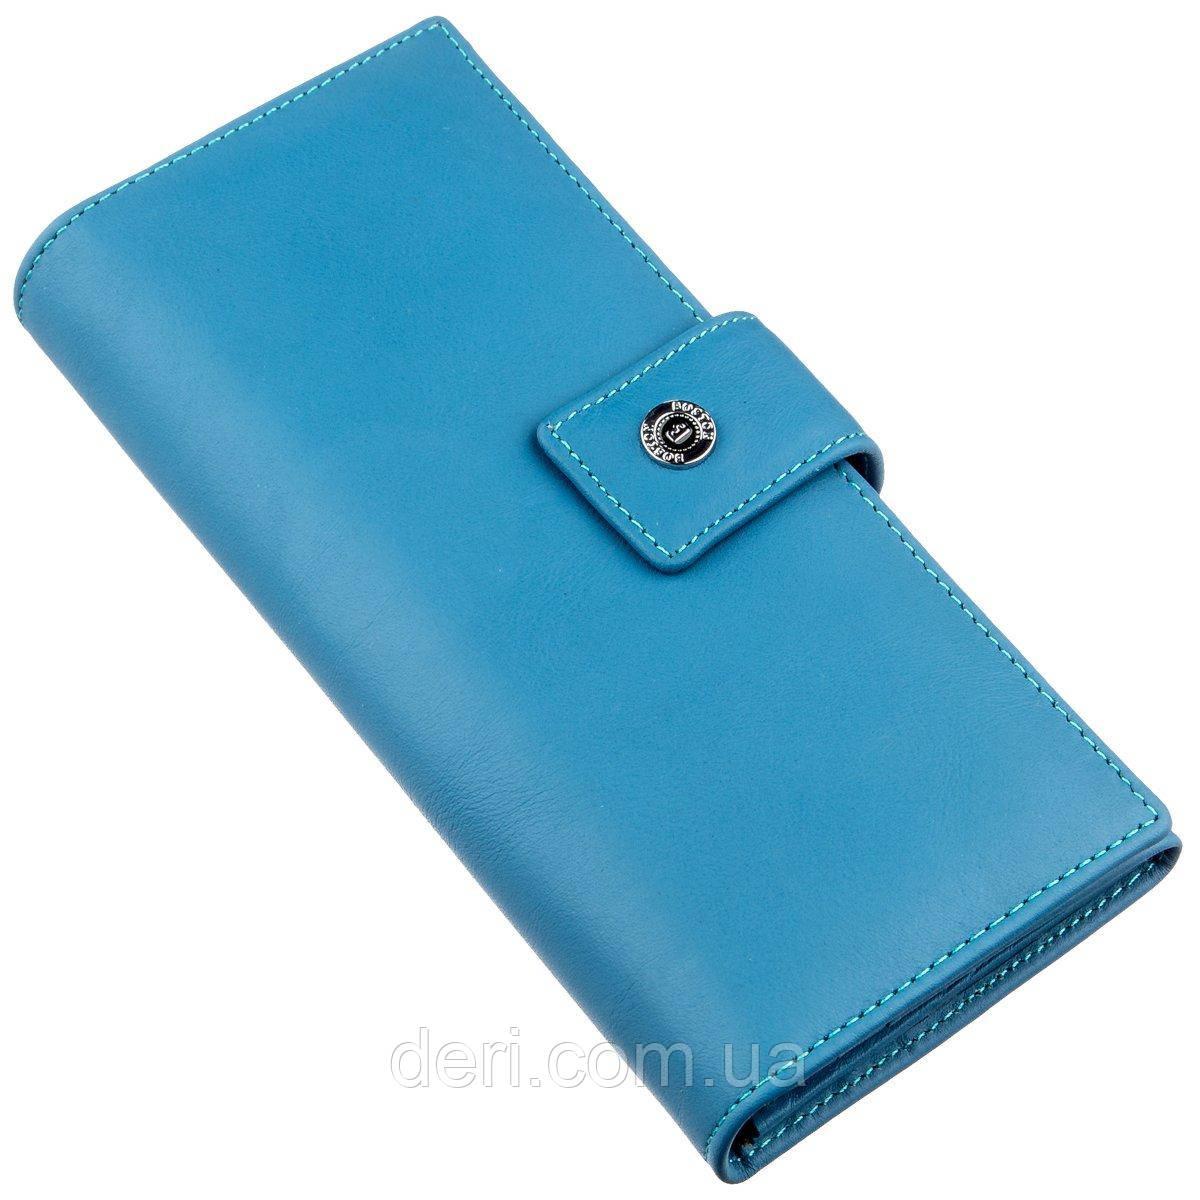 Дивовижний жіночий гаманець блакитний